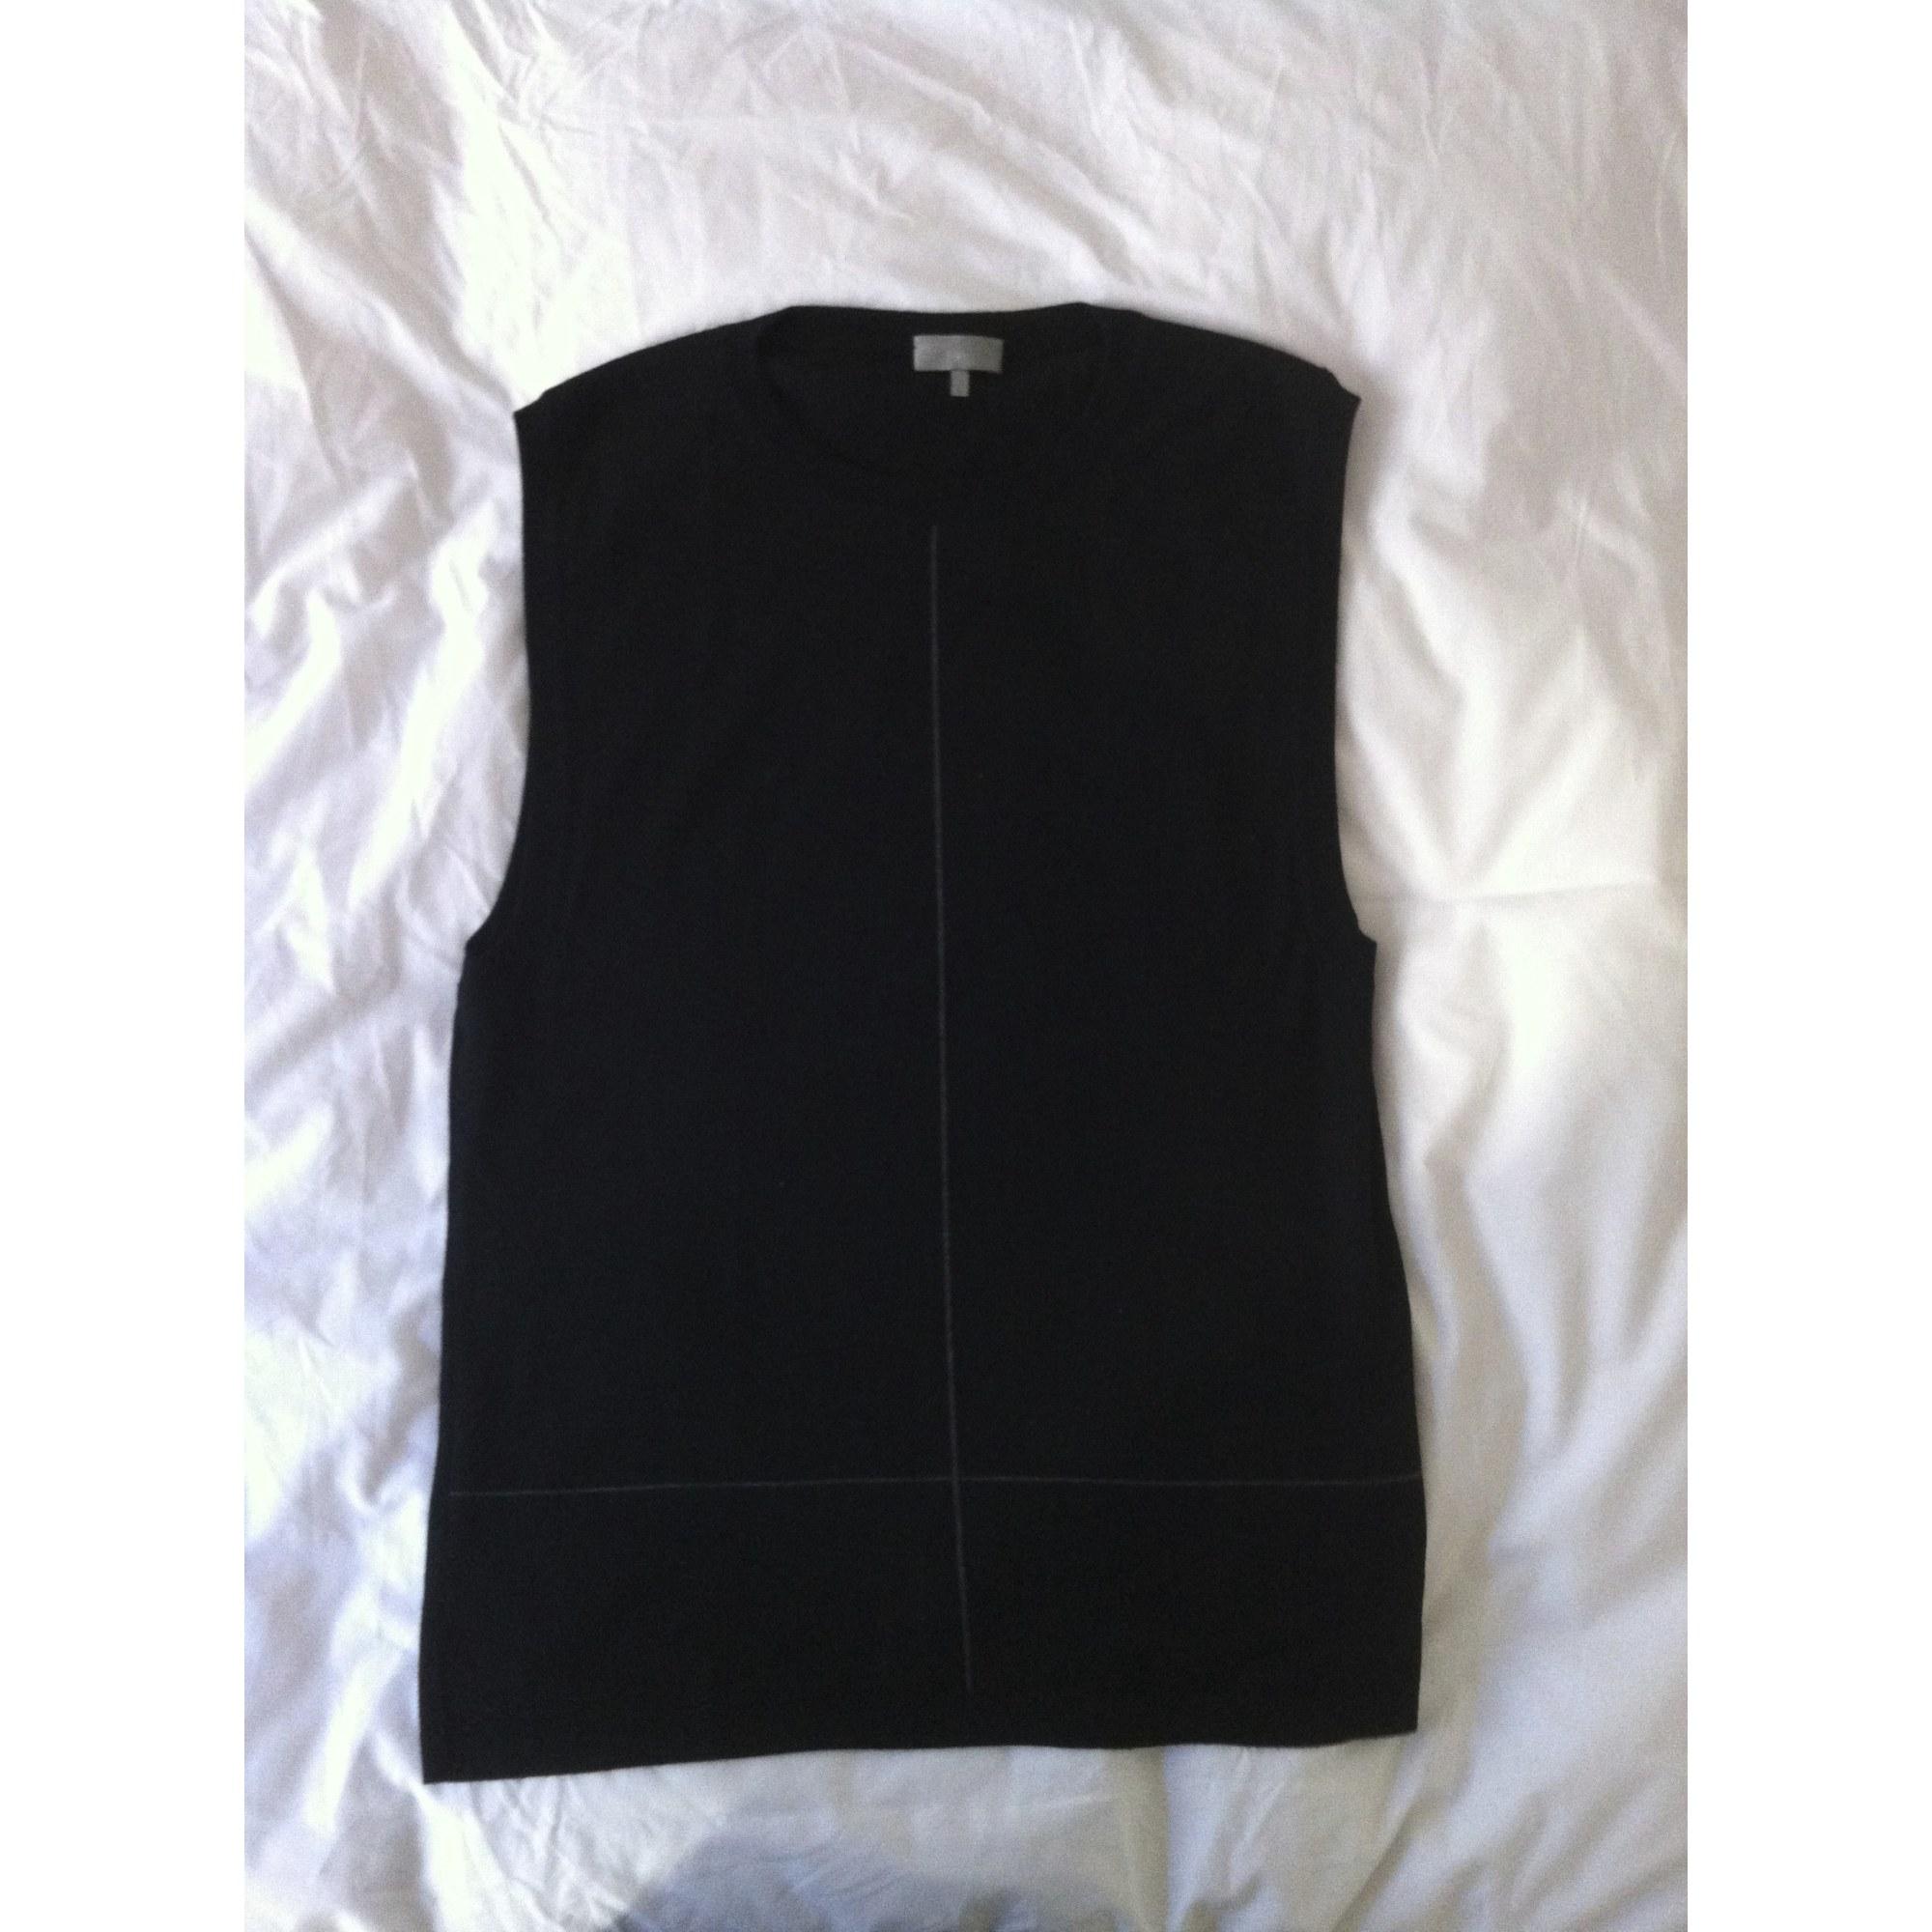 Pull DIOR HOMME 3 (L) noir vendu par D antoine 60456150 - 1677491 469d3d00b0a